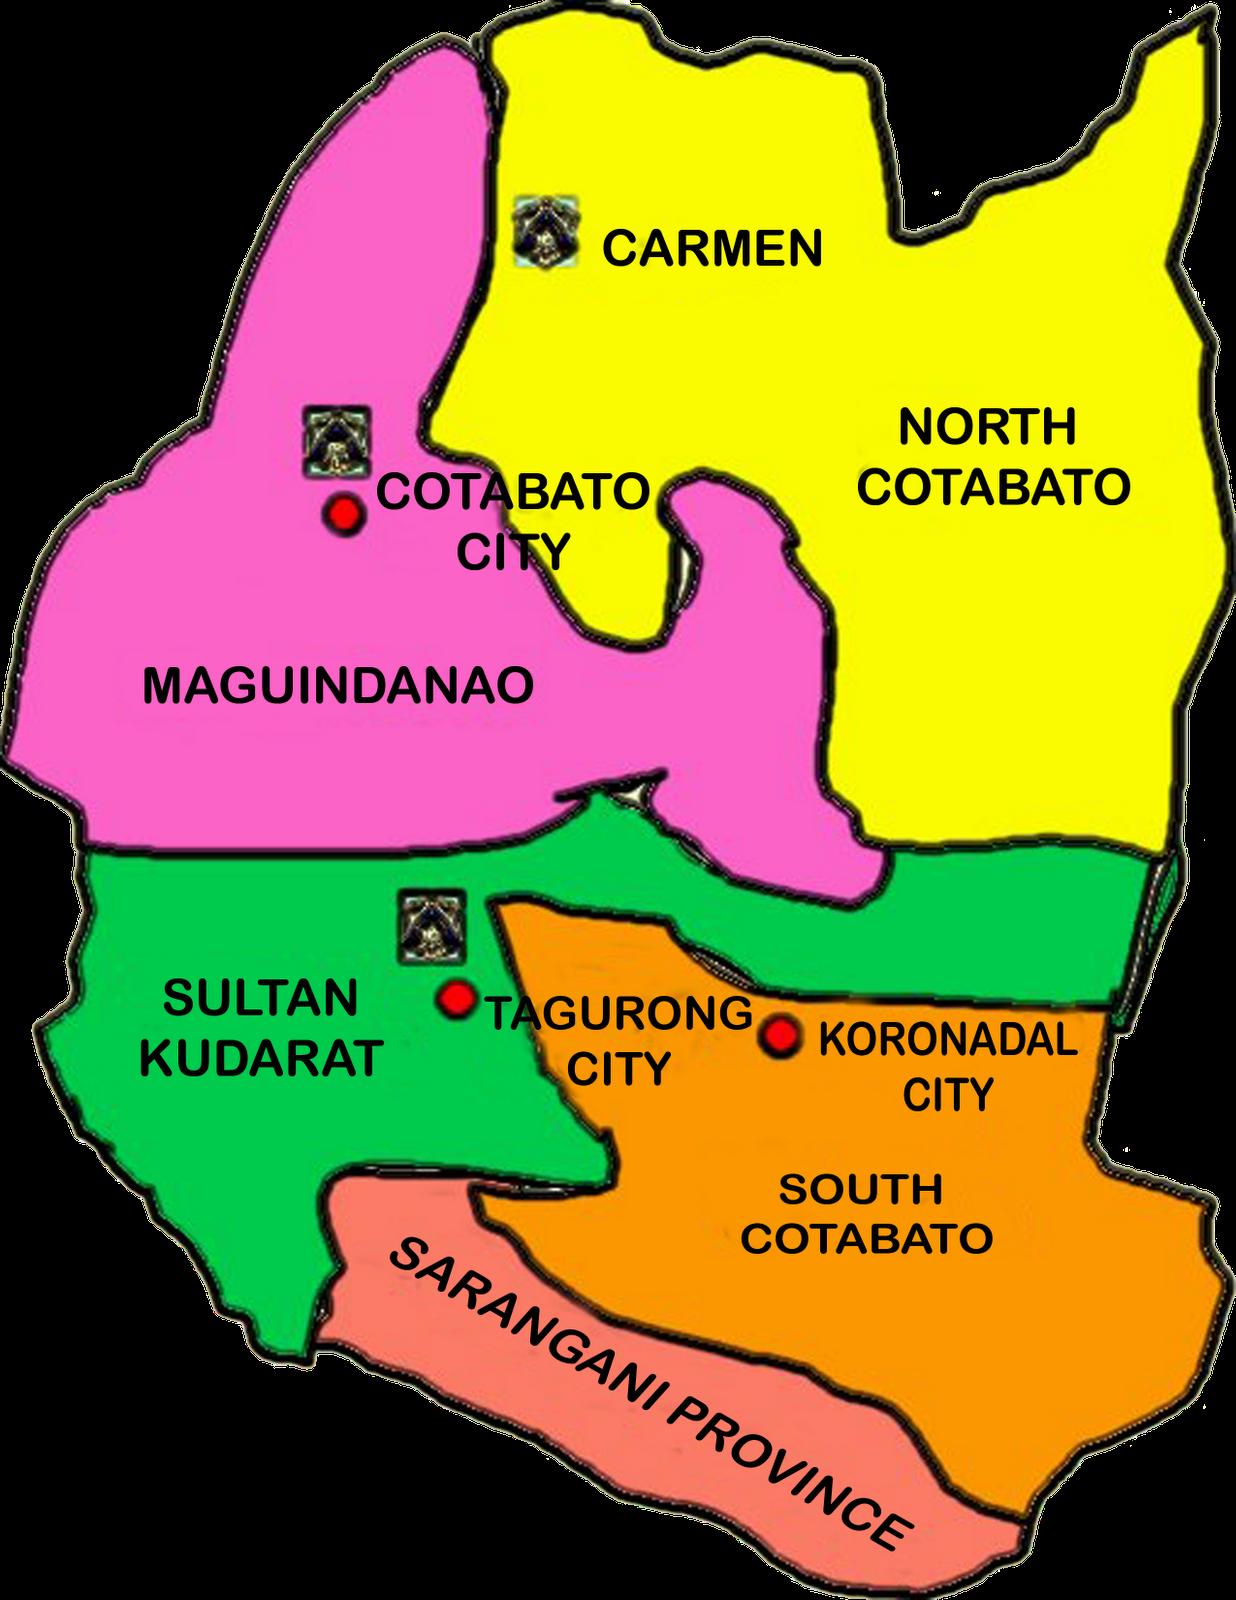 Region 12 Map Philippines Region 12 | B u B b L e p e d i a